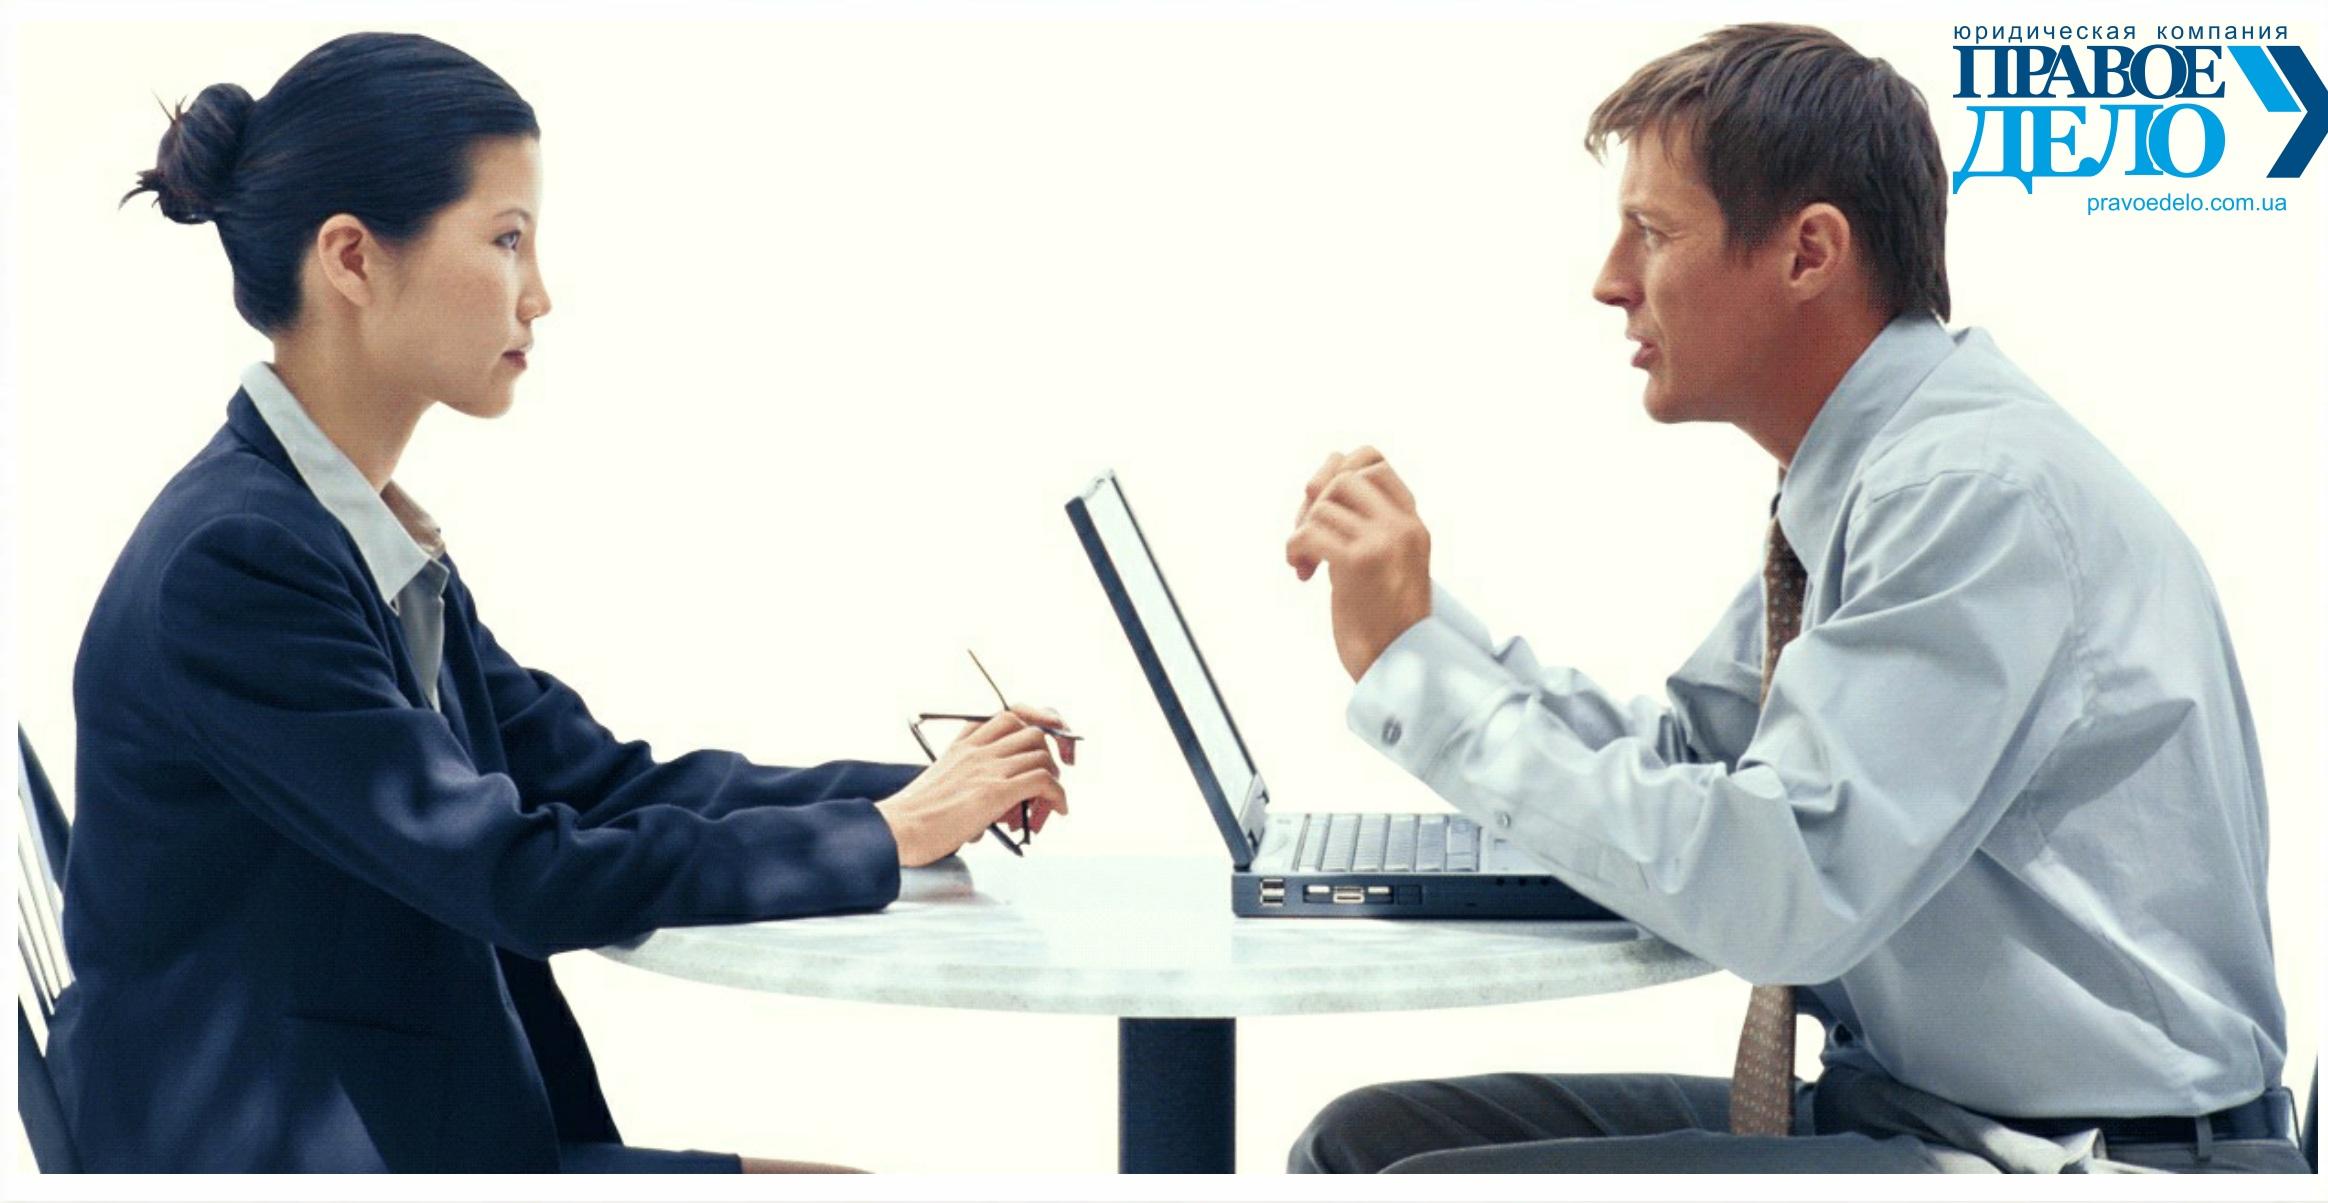 онлайн юридическая консультация в одессе